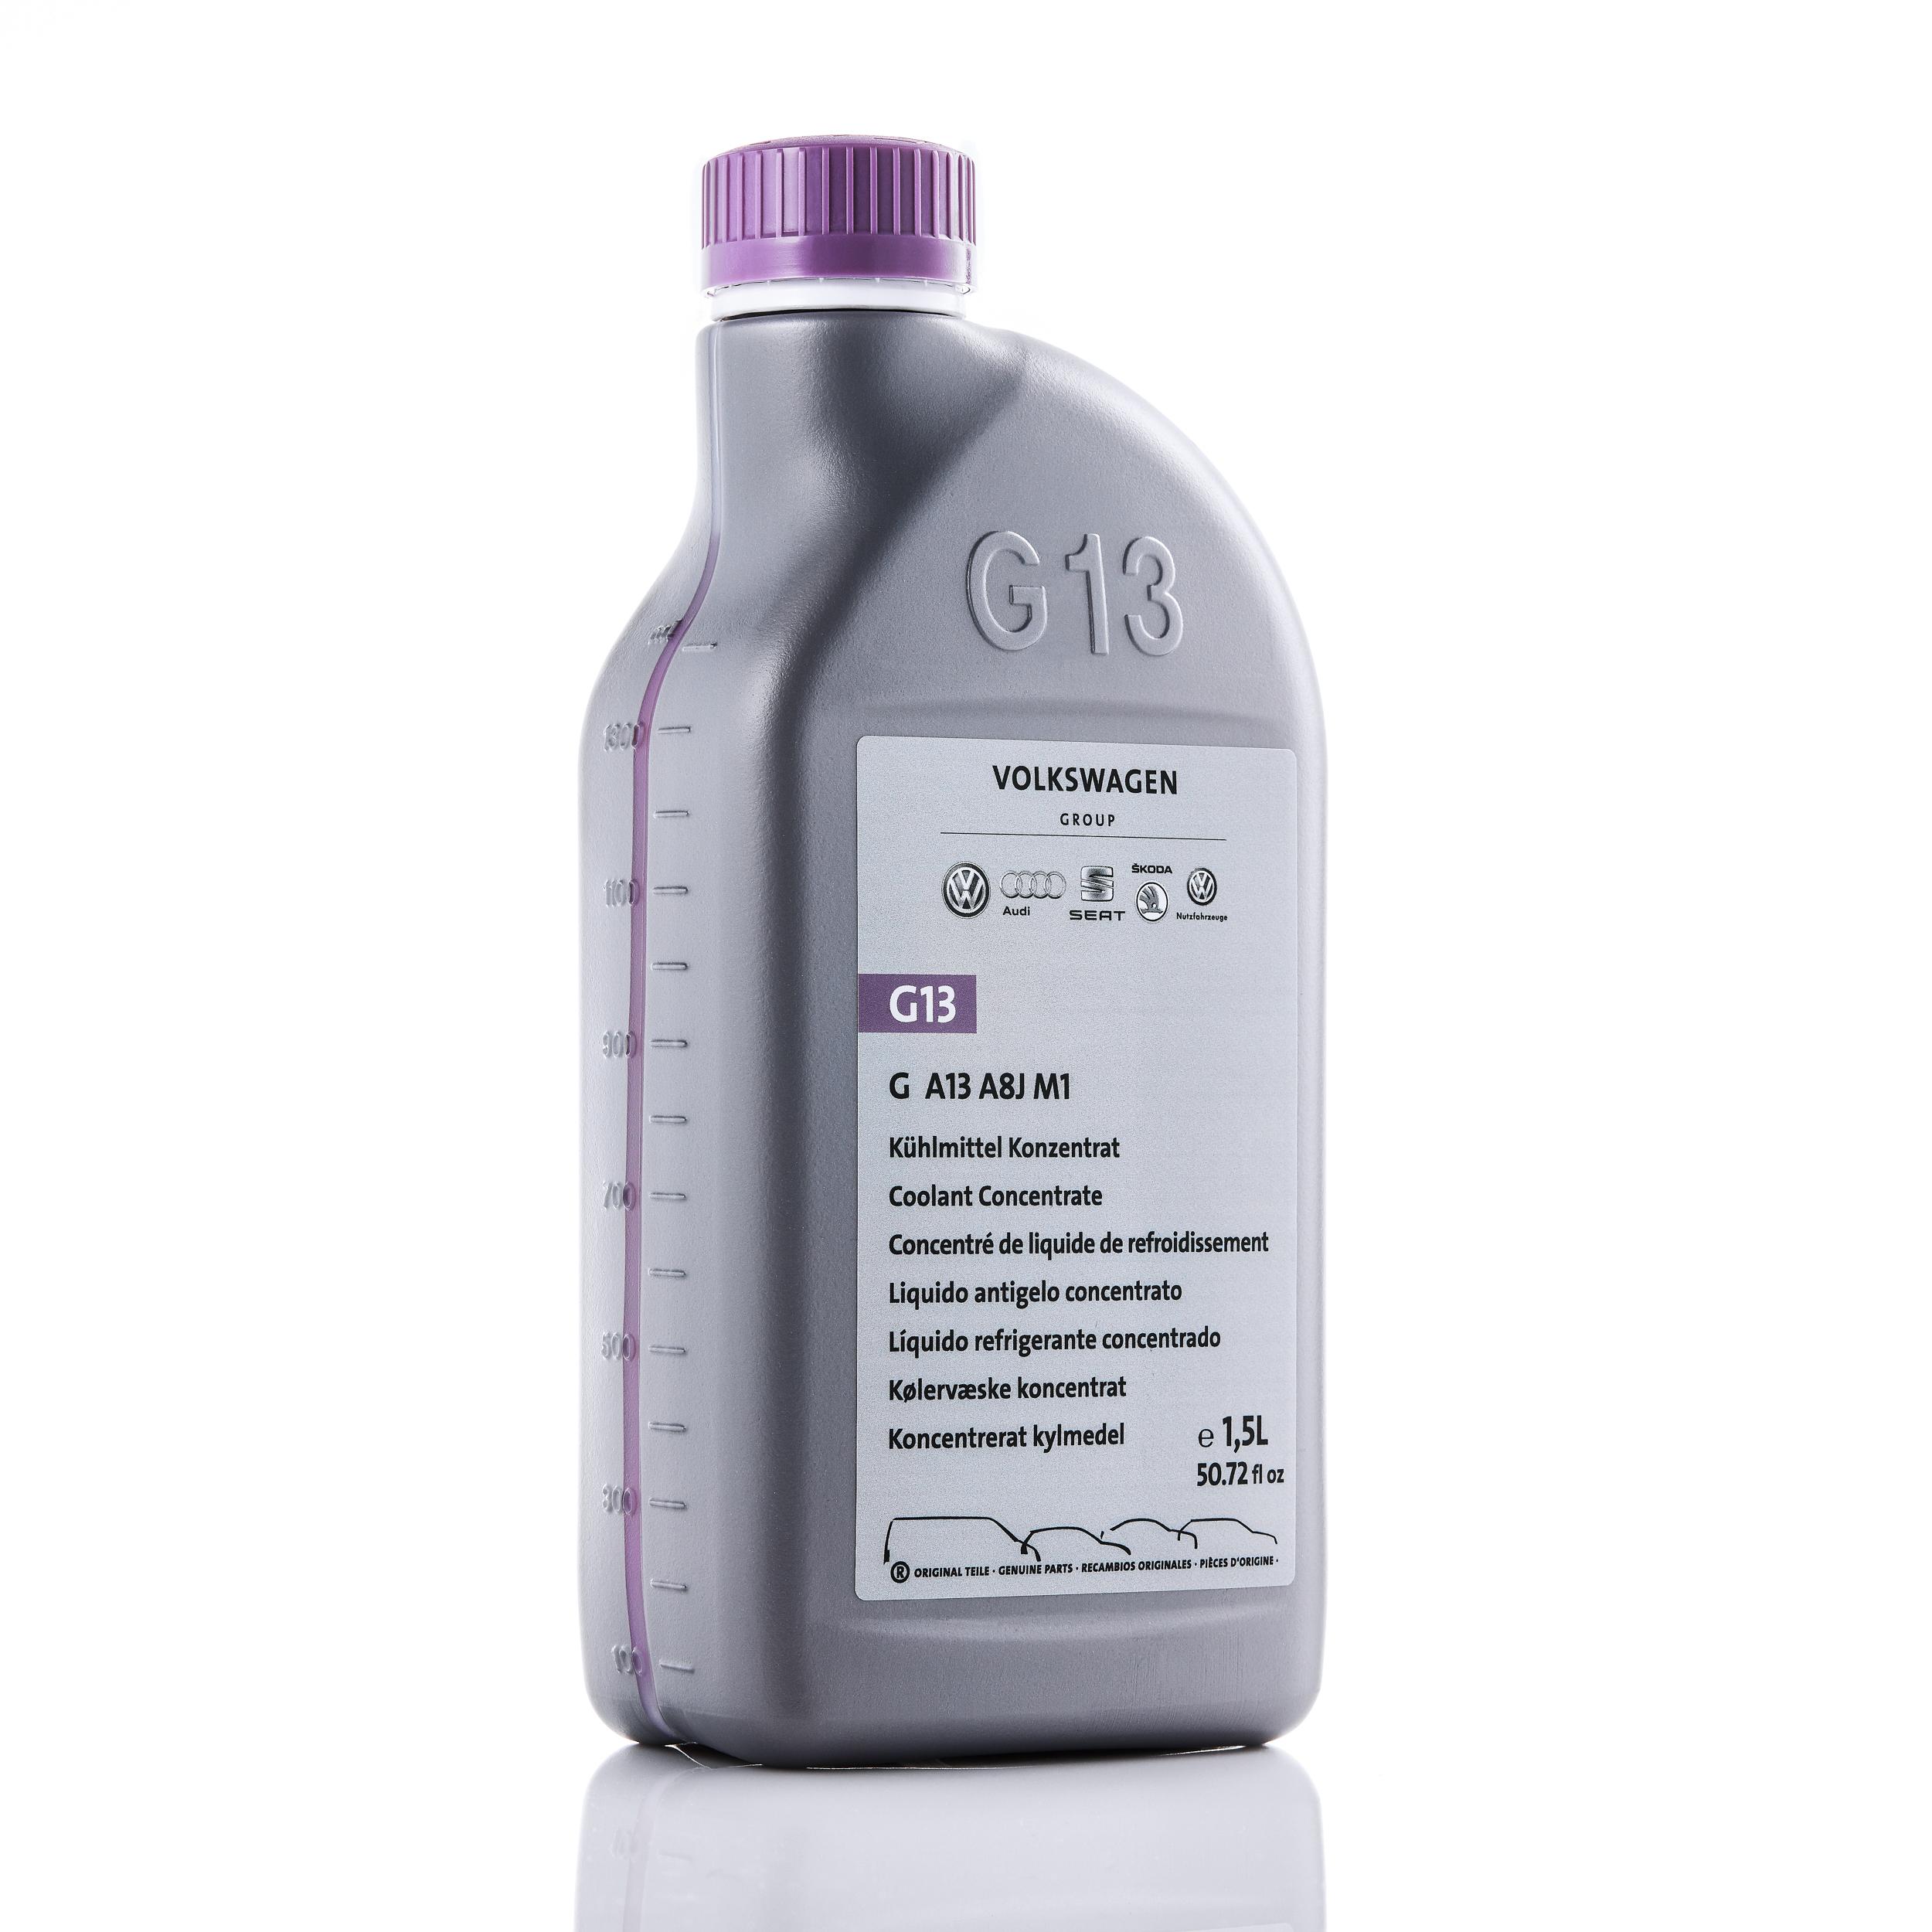 VAG G13 Coolant